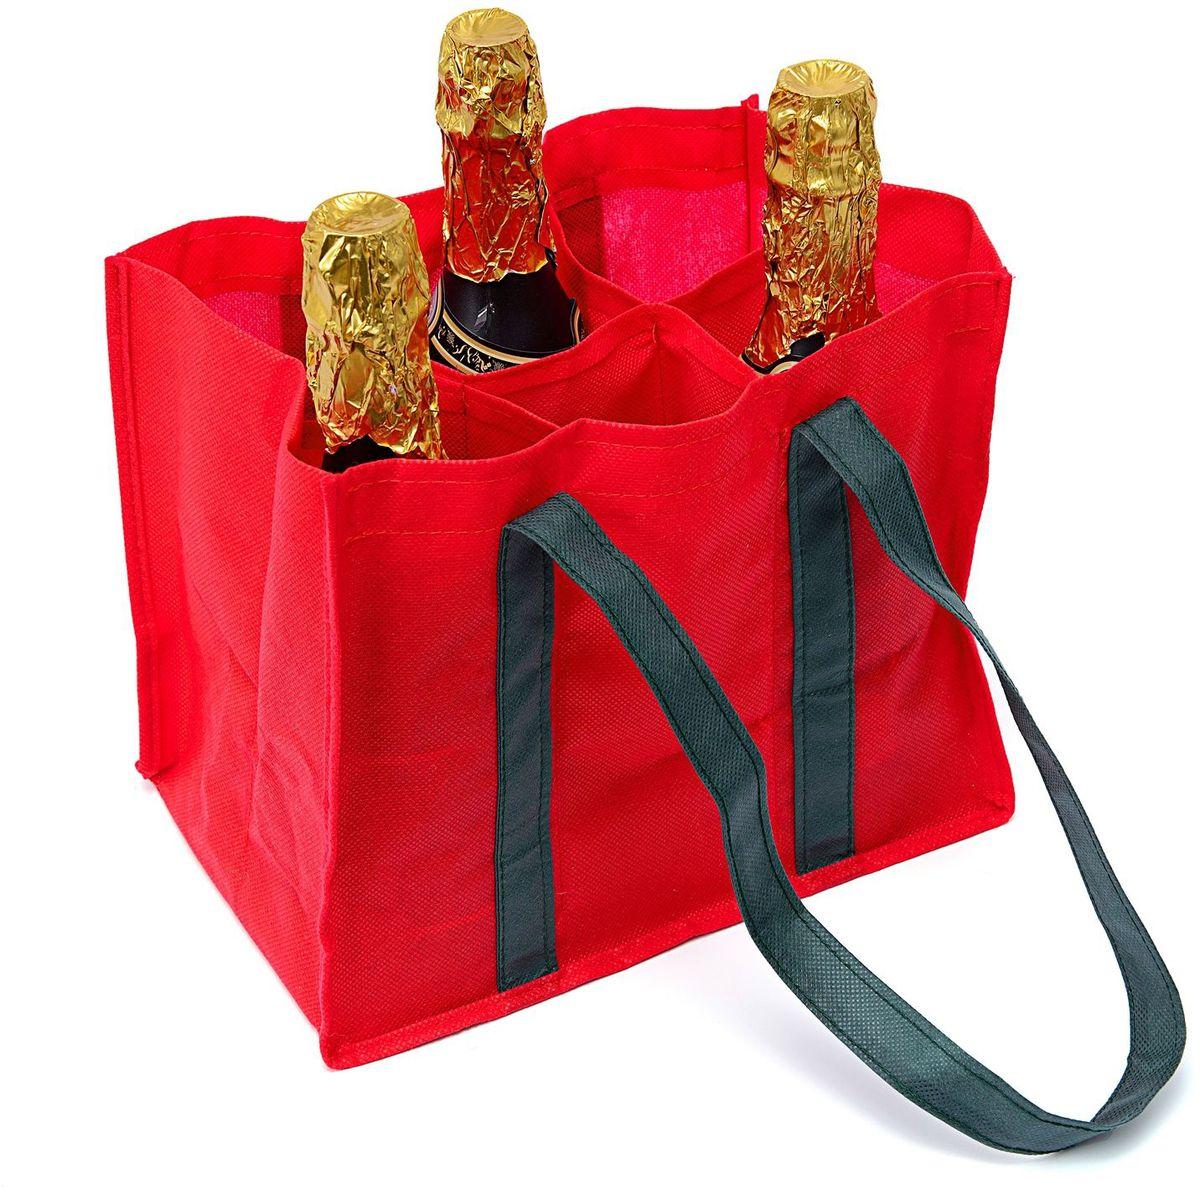 Сумка для переноски бутылок Homsu New Year, 30х25х20 см, цвет: красныйHOM-734Сумка для переноски бутылок - новинка на Российском рынке. Незаменимая вещь для походов в гости во время новогодних и рождественских каникул. Выполнена в традиционной новогодней расцветке. Размер изделия: 25х20х30см.